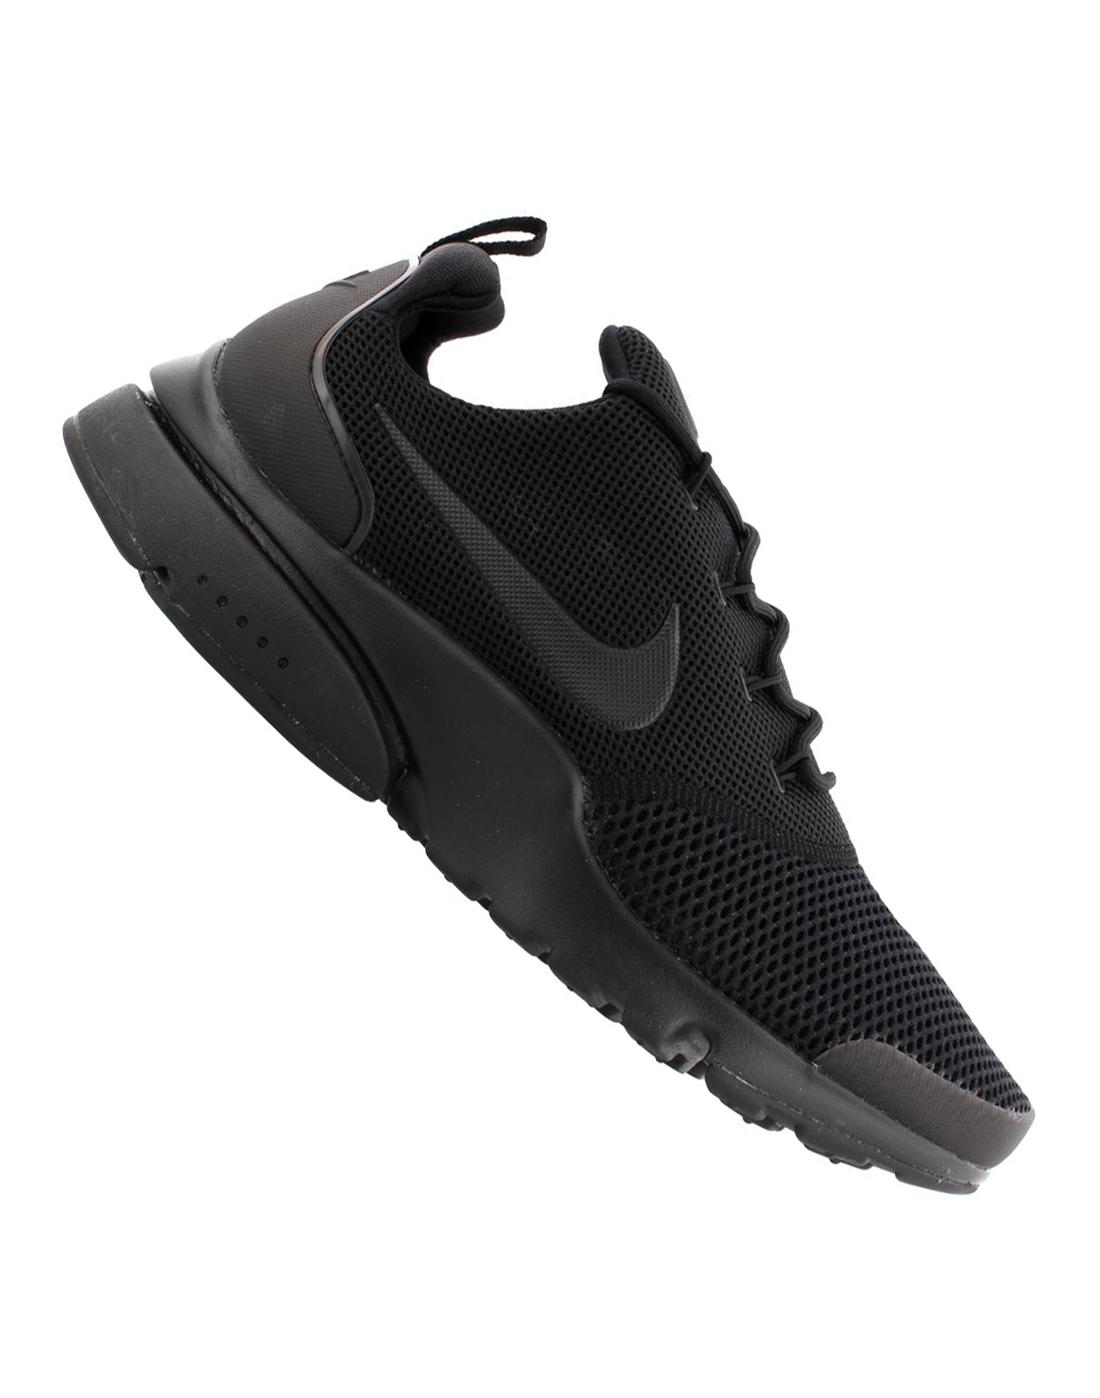 Men's Nike Presto Fly | All-Black